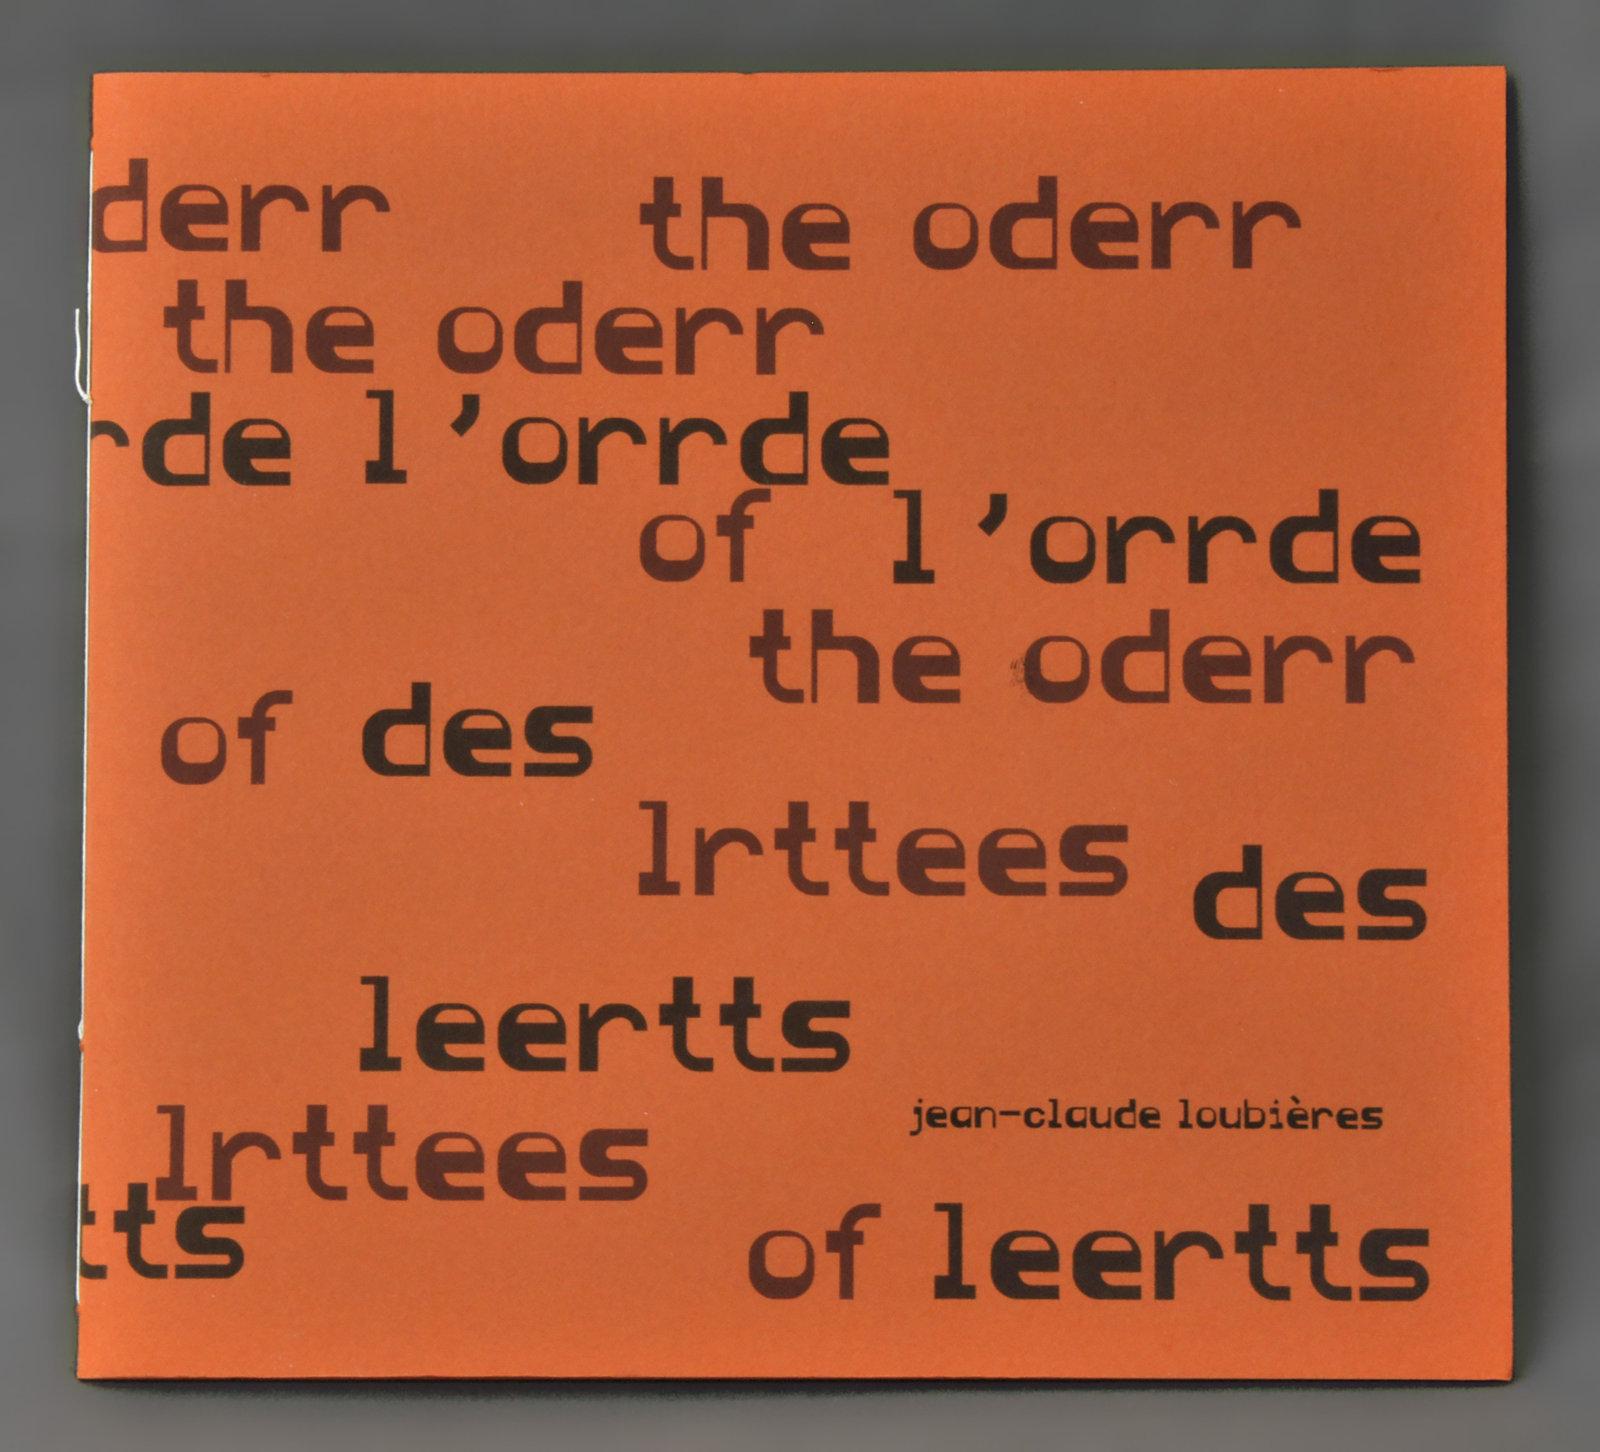 Orrde des leertts [L'Ordre des lettres] = The Oderr of lrttees (The Order of the letters] (L') | Loubières, Jean-Claude (1947-....). Auteur